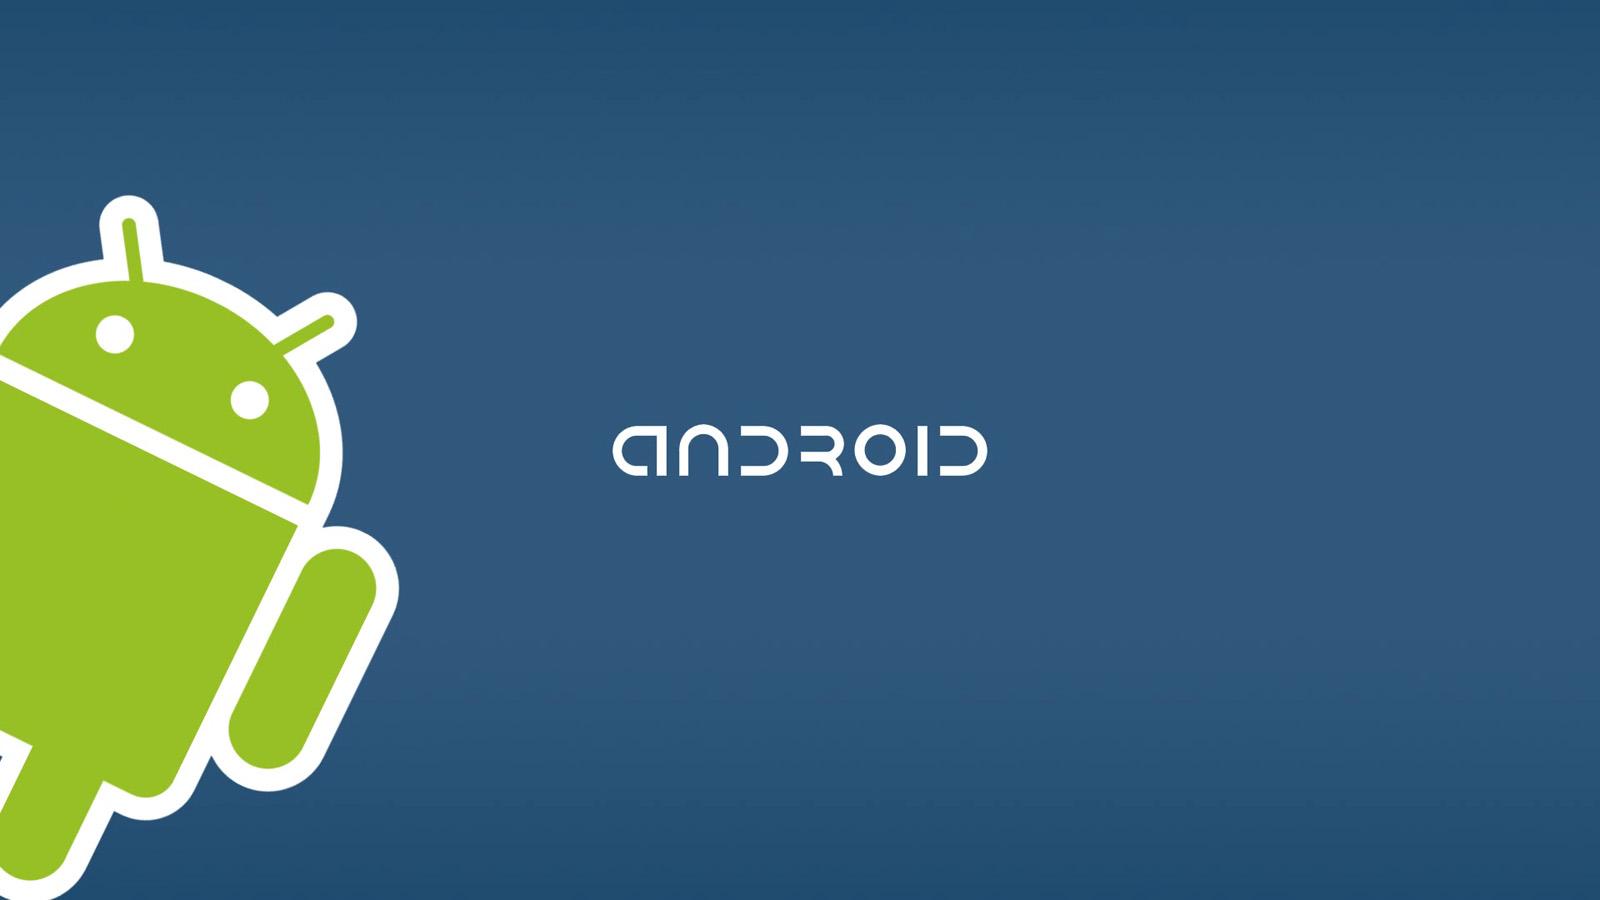 http://4.bp.blogspot.com/-7l61w_FuCgQ/TXT9ffeQ_wI/AAAAAAAACgc/nIwxgVIe_gE/s1600/android-wallpaper.jpg